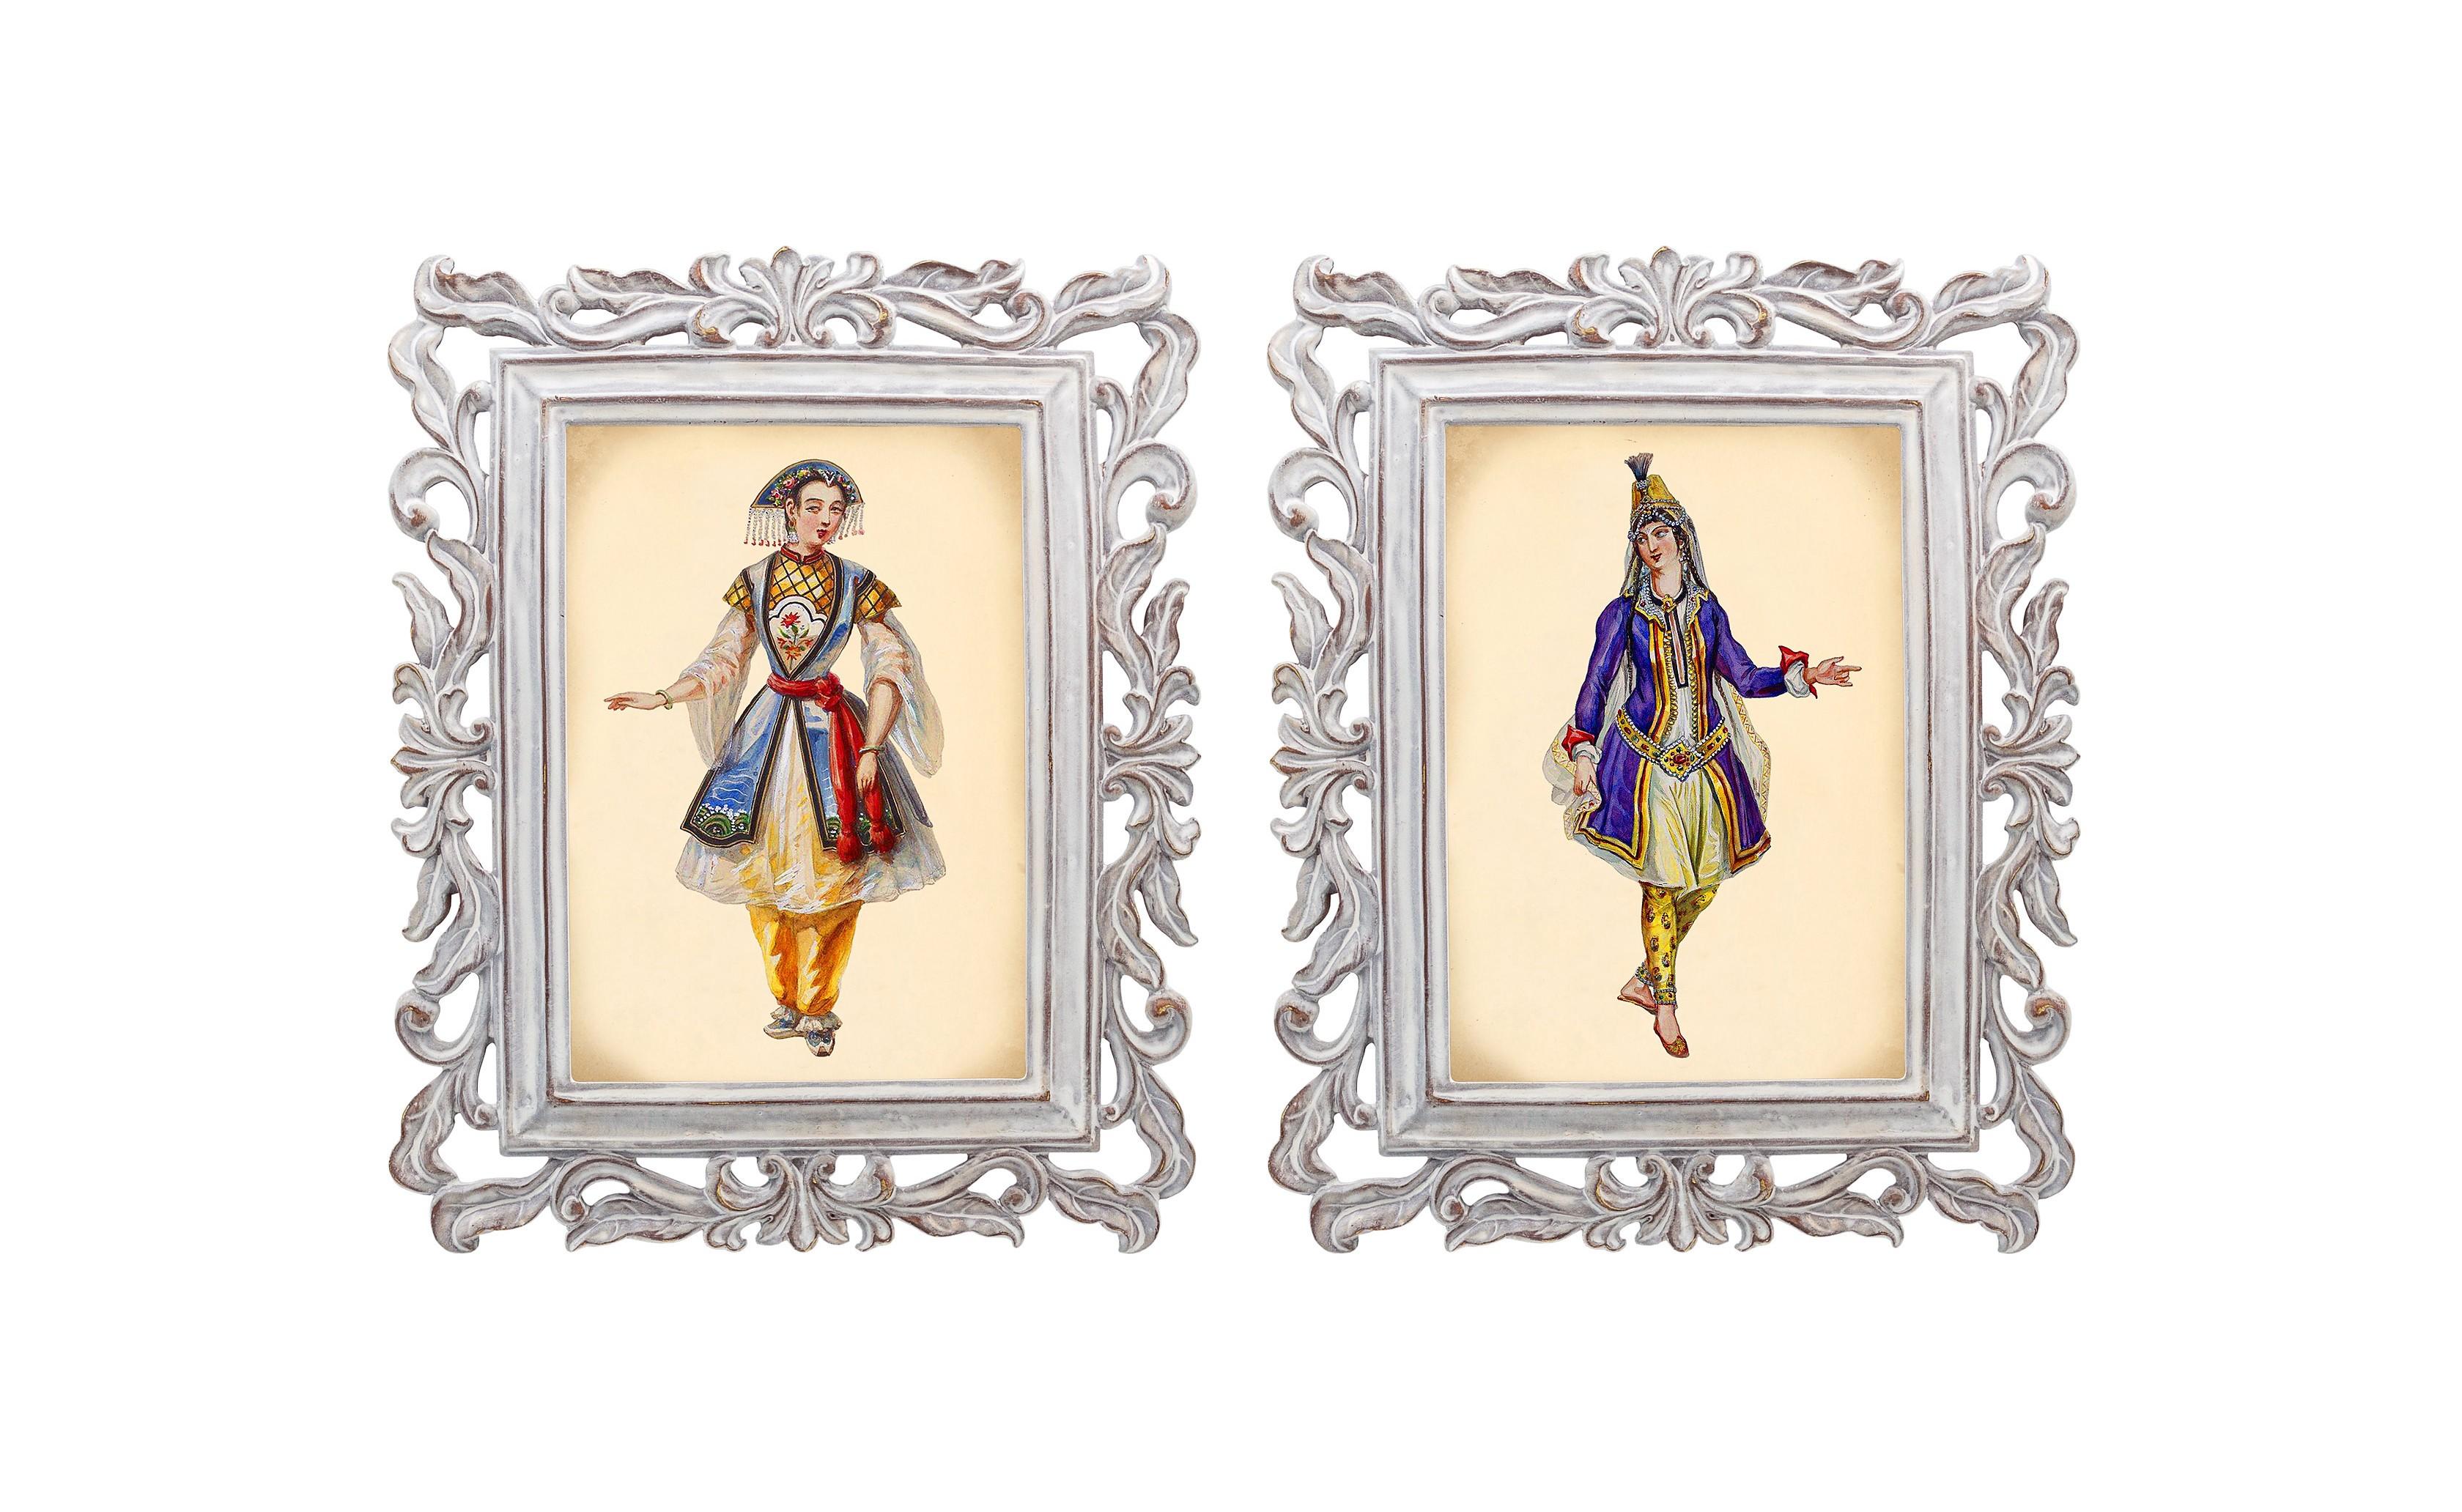 Набор из двух репродукций Агата и Бурлеск 16Картины<br>&amp;lt;div&amp;gt;Репродукции старинных картин из серии «Бурлеск», на которых изображены дамы в одежде викторианской эпохи, производят потрясающий эффект. Благородный кашемир, роскошный атлас, тончайший шелк и аристократический бархат символизируют роскошь и богатство. Эти репродукции непременно стоит разместить в Вашем доме!&amp;lt;/div&amp;gt;&amp;lt;div&amp;gt;Этот изящный предмет декора завораживает и создает особую уютную атмосферу.&amp;lt;/div&amp;gt;&amp;lt;div&amp;gt;Изображения картин наполнены уникальными эмоциями и тайной, скрытой под кристально прозрачным стеклом.&amp;lt;/div&amp;gt;<br><br>Material: Камень<br>Width см: 21<br>Depth см: 1,7<br>Height см: 26